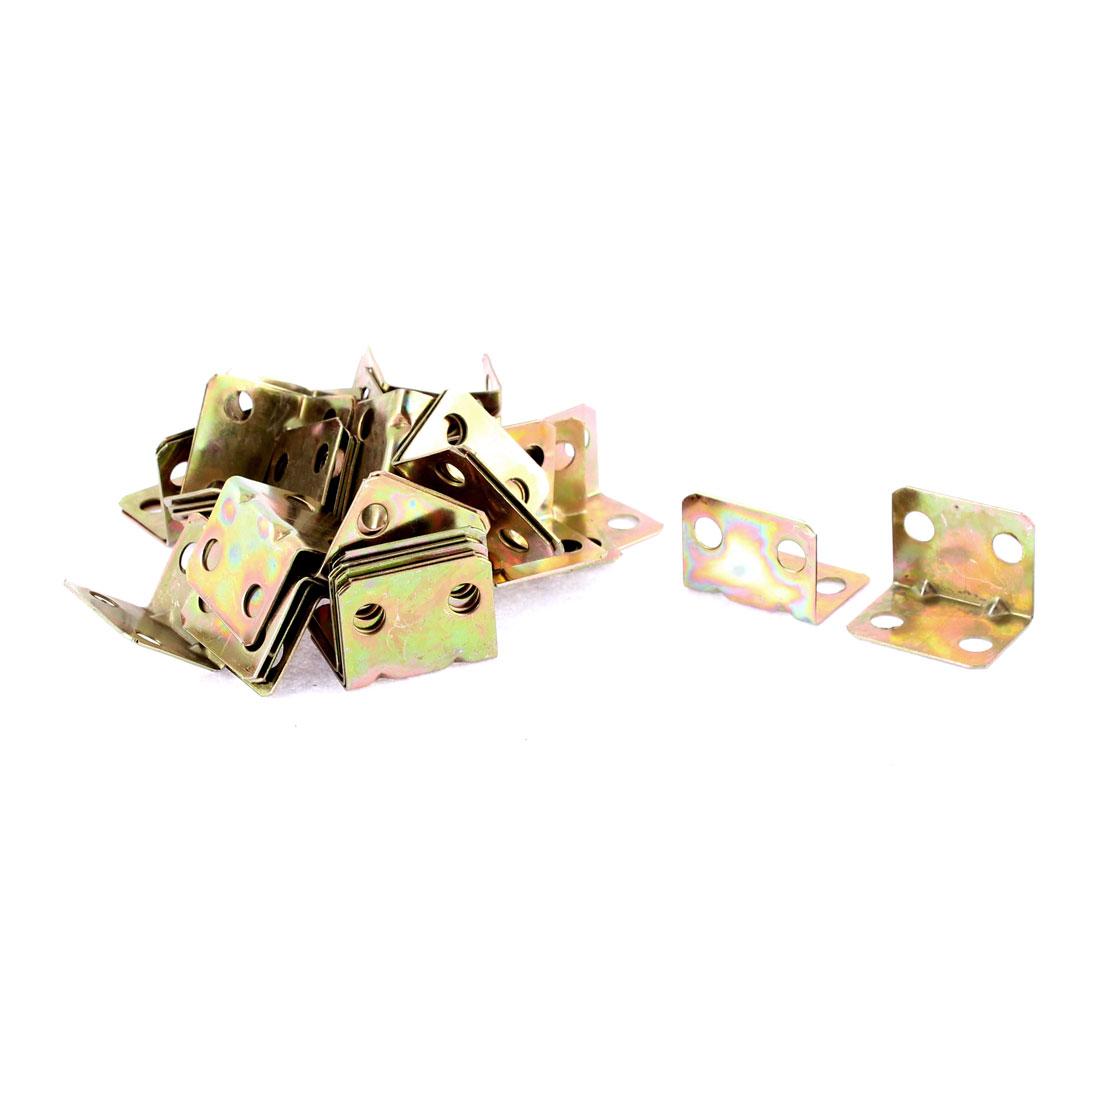 Shelf Door Support Angle Brackets 24 x 16 x 16mm 40pcs